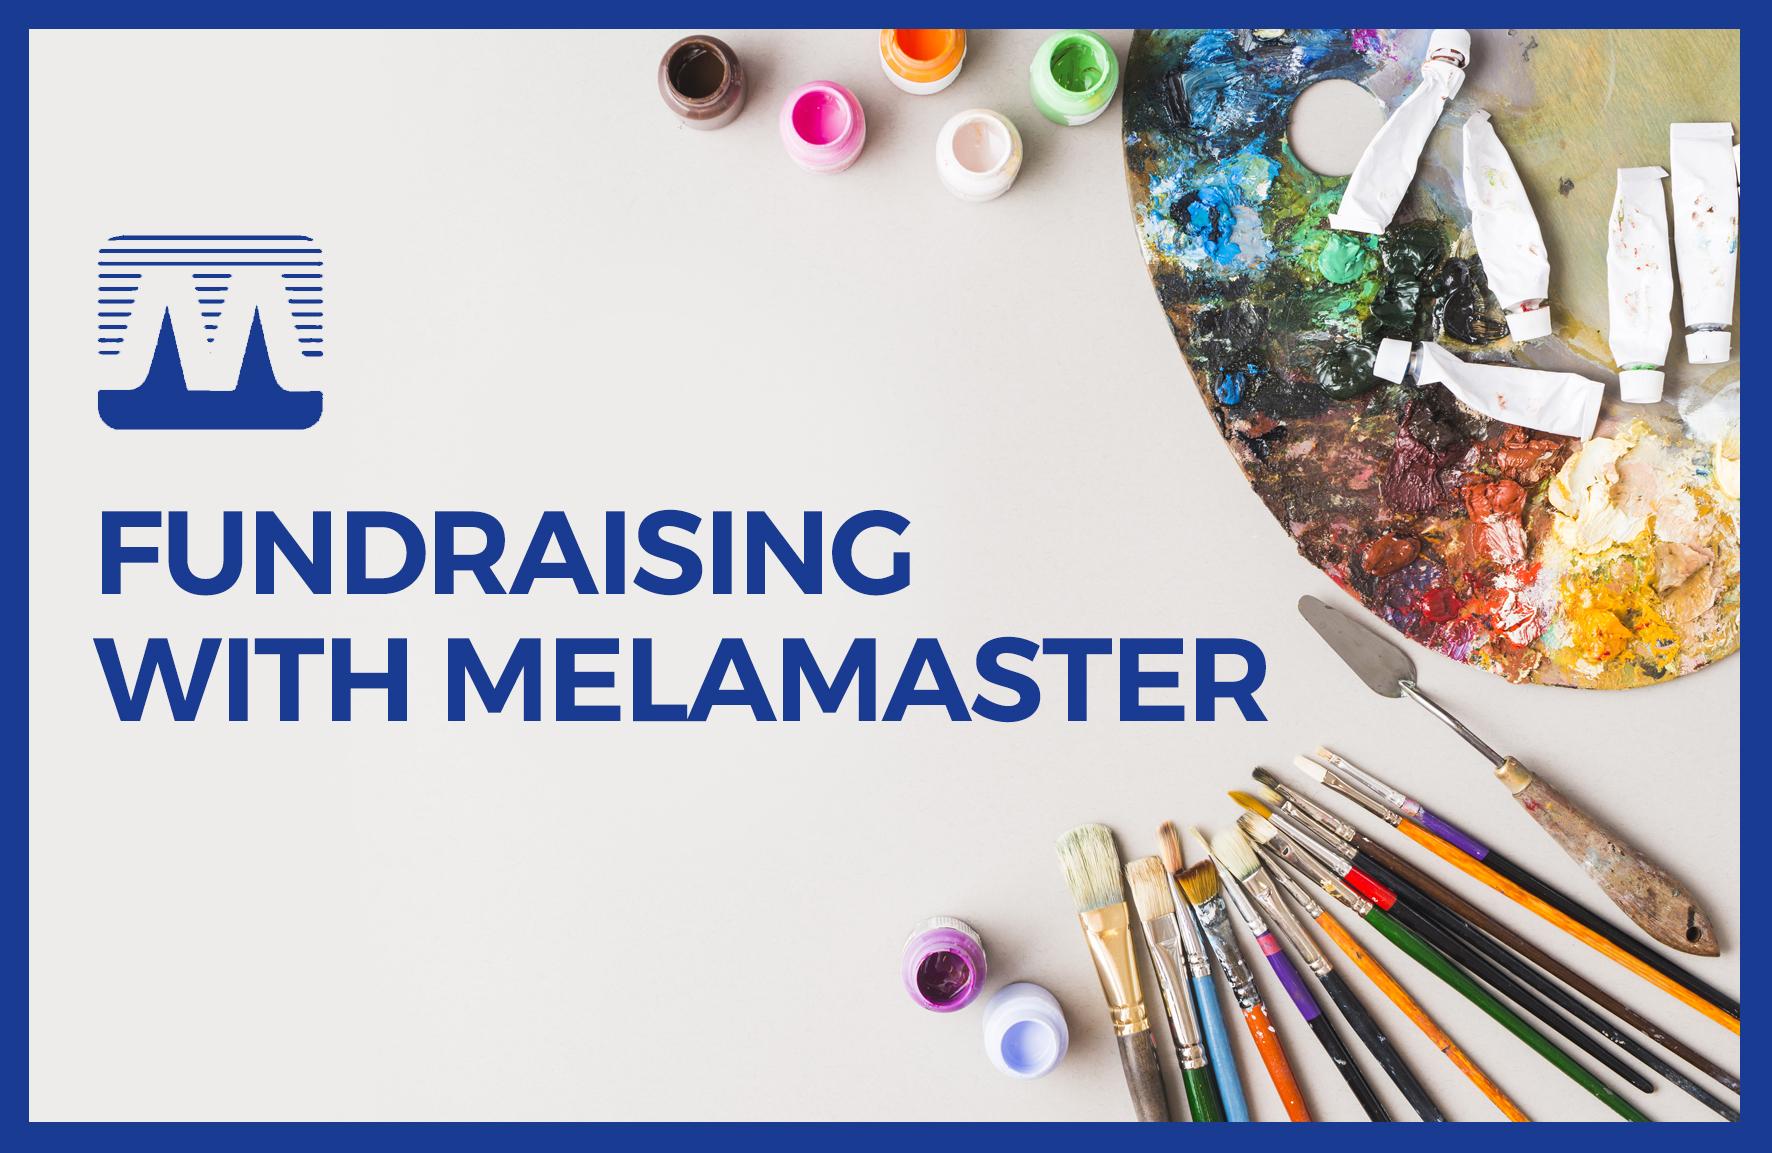 Fundraising with Melamaster - Melamine UK